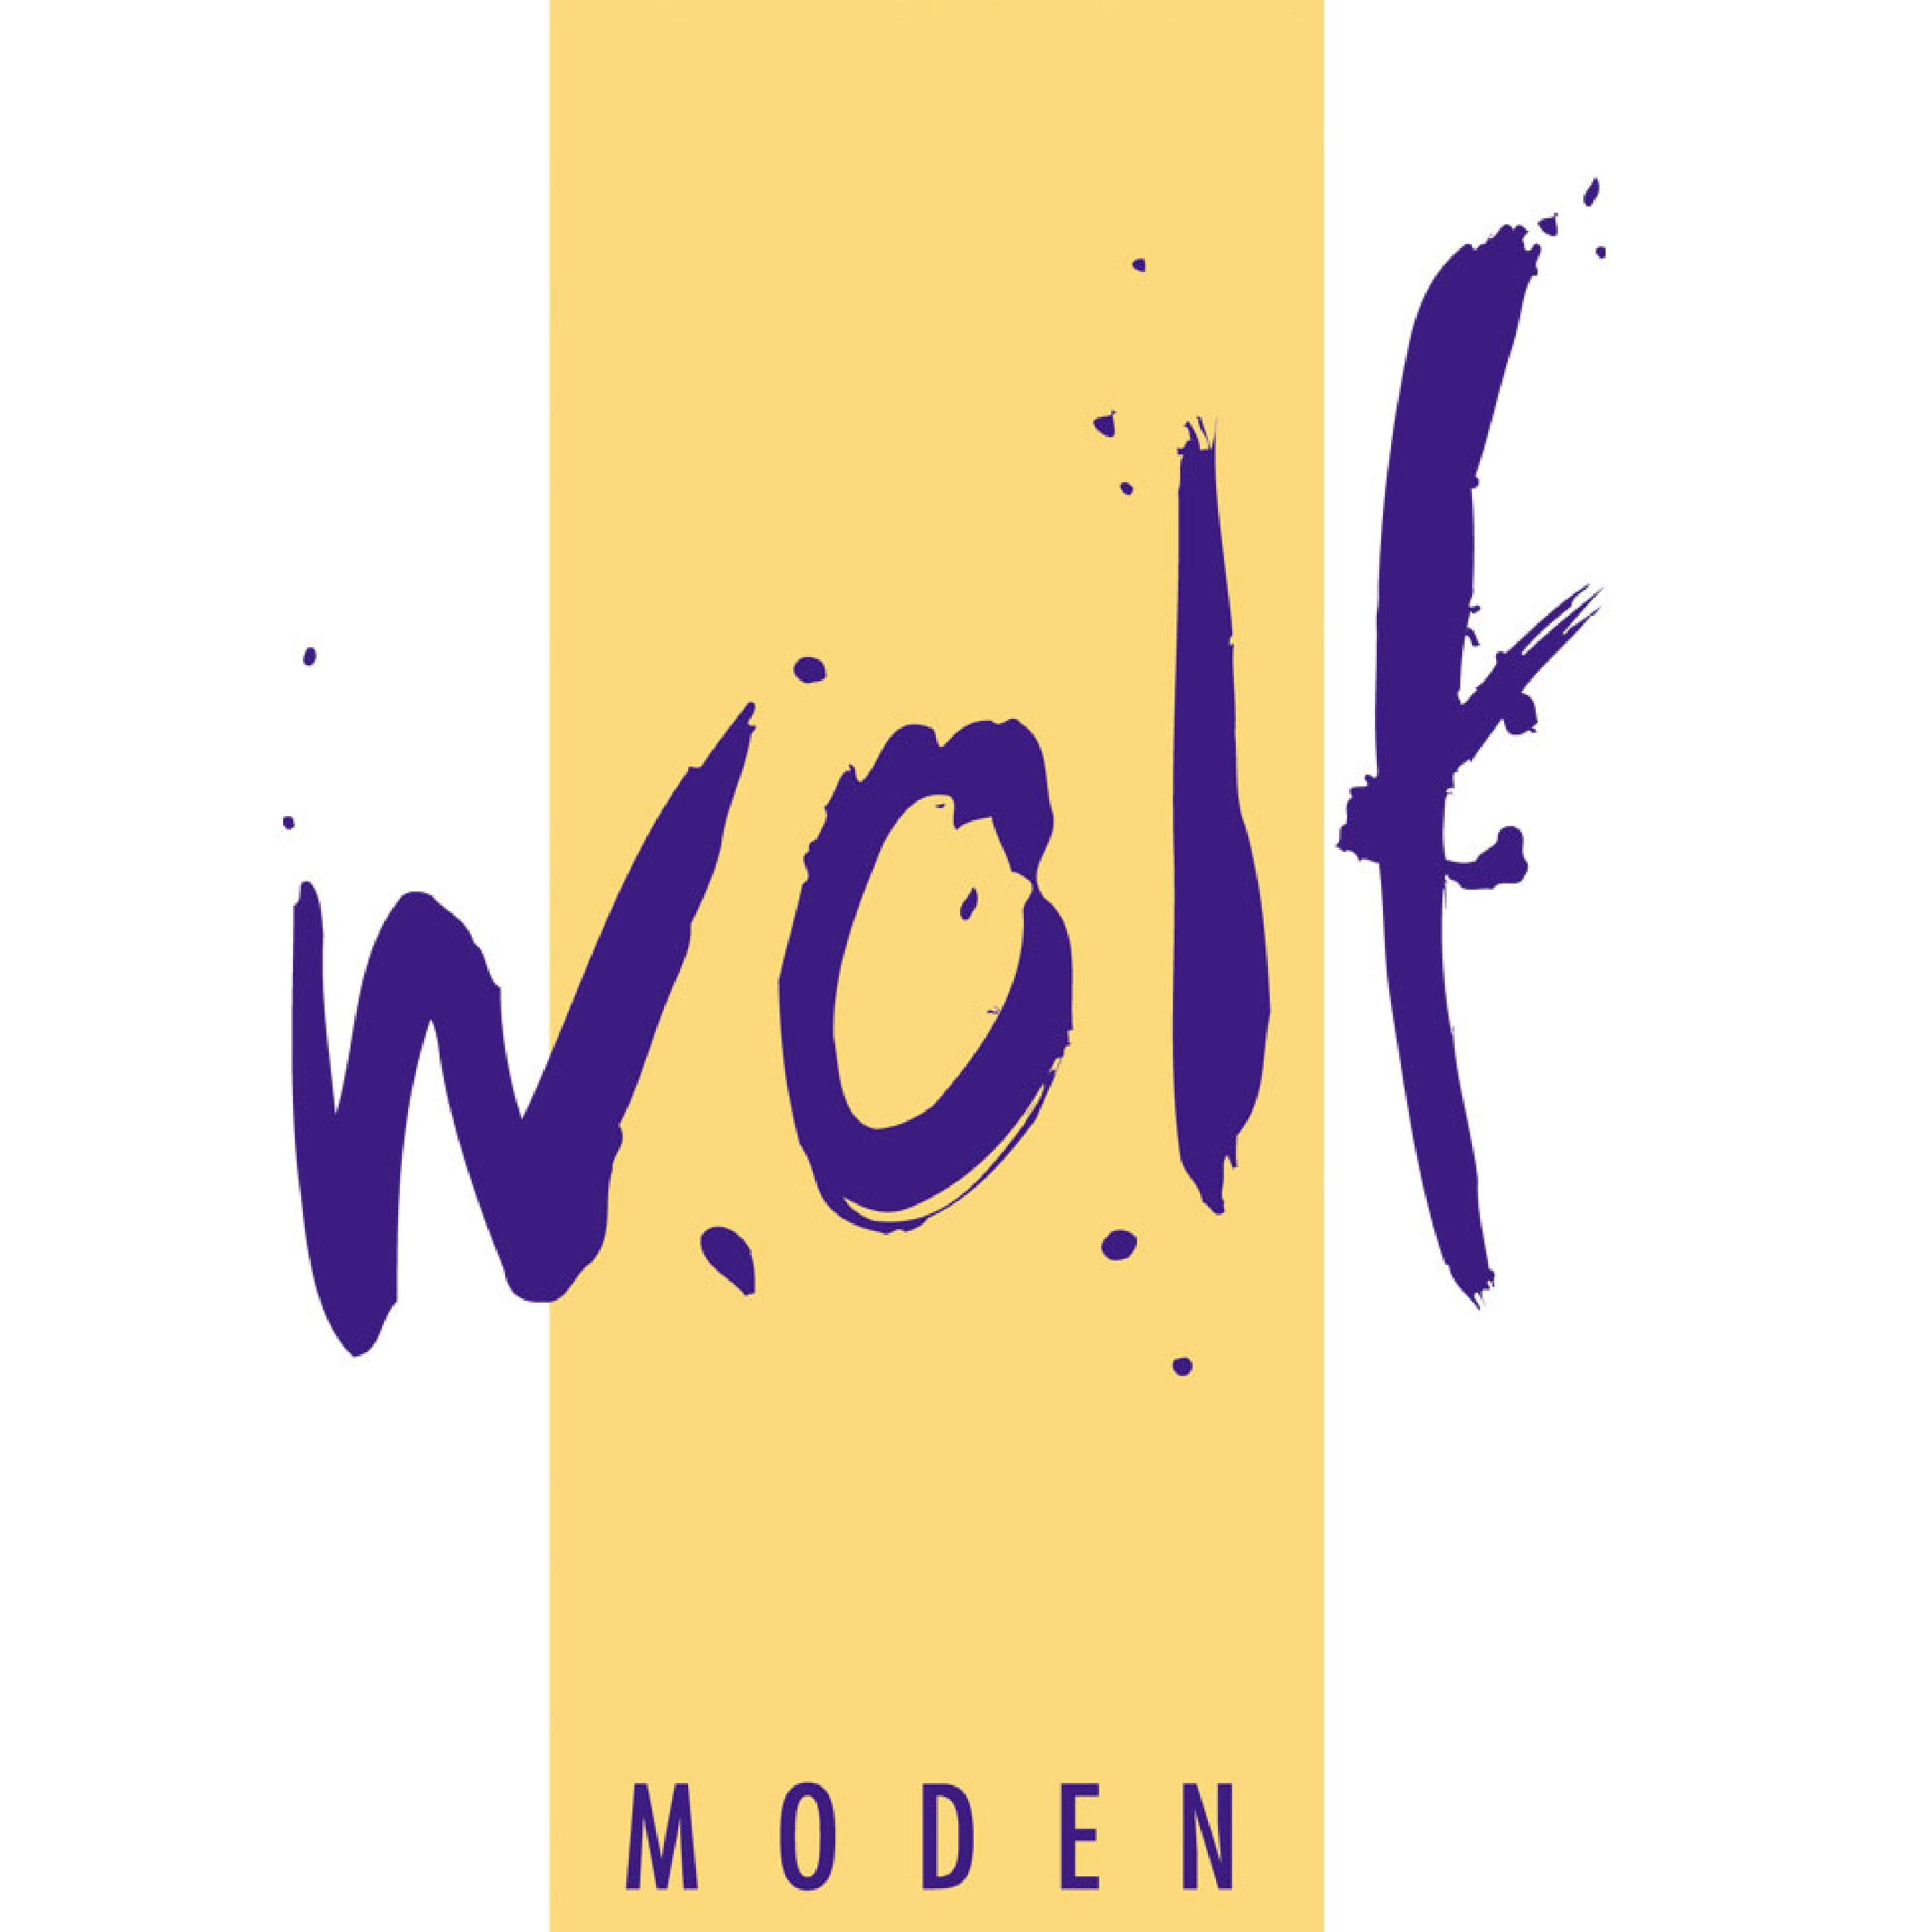 Wolf Moden Weilburg